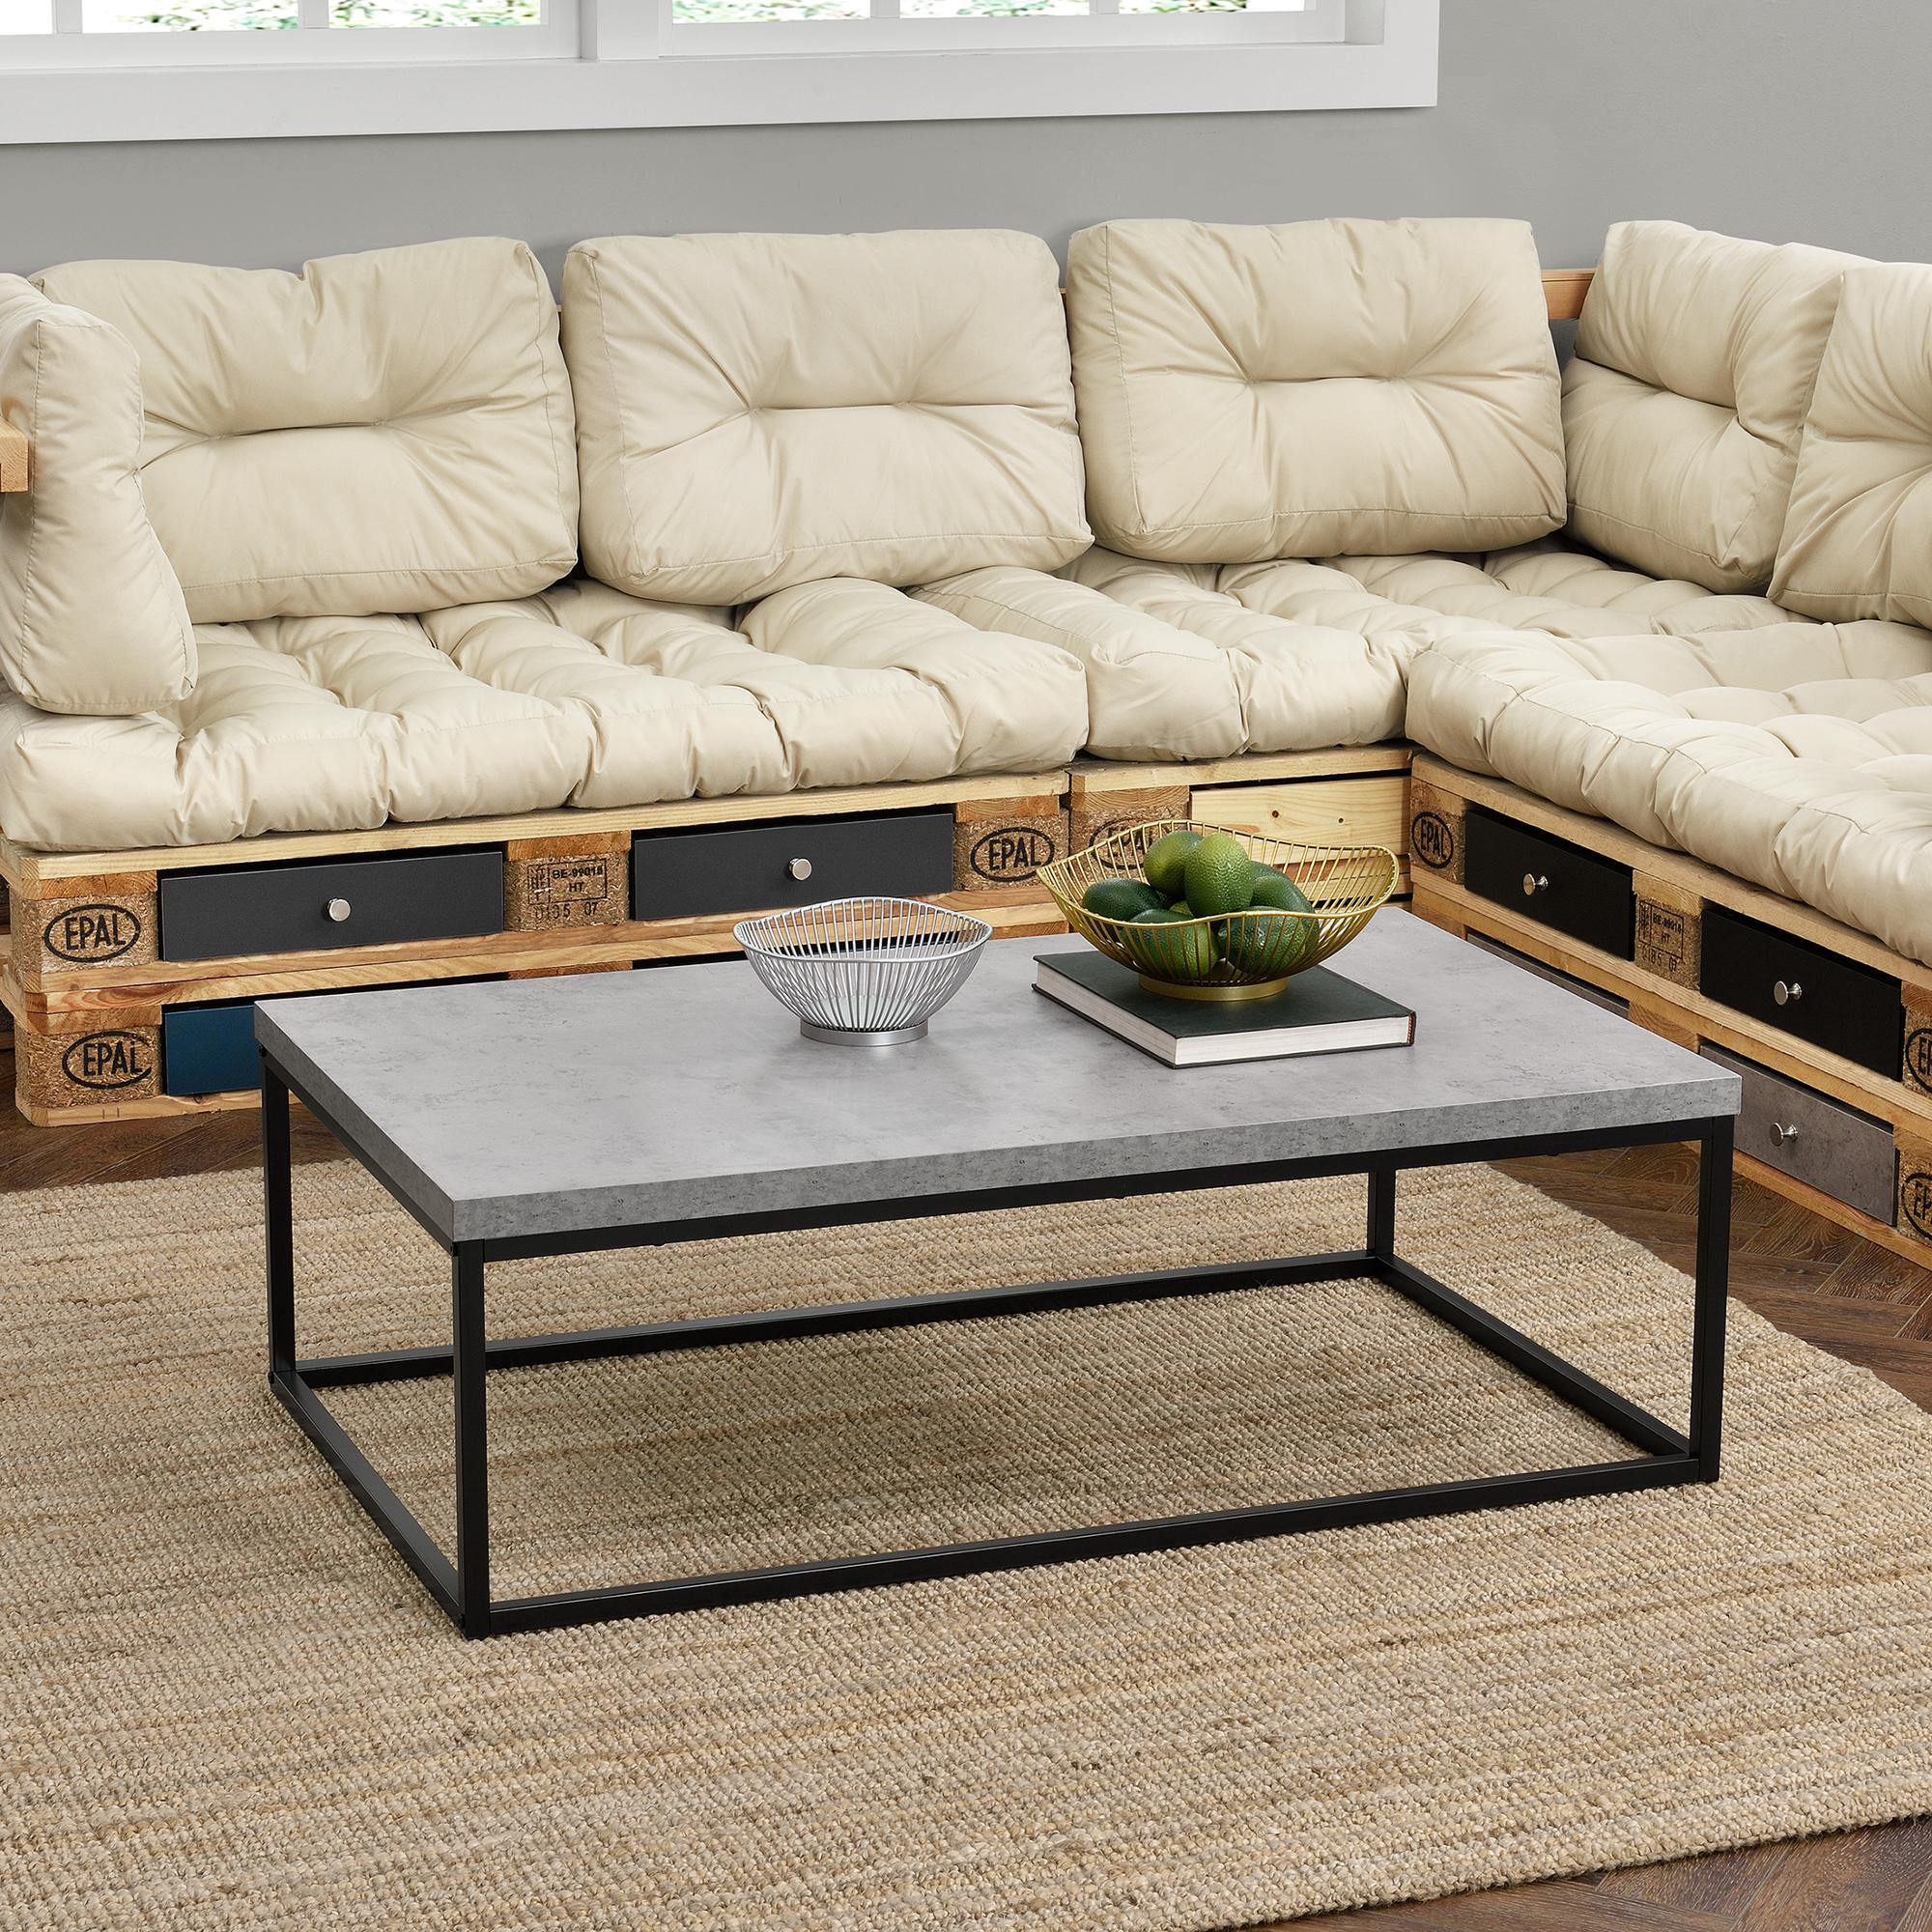 couchtisch 110x65x35cm wohnzimmertisch beistelltisch beton optik mdf ebay. Black Bedroom Furniture Sets. Home Design Ideas